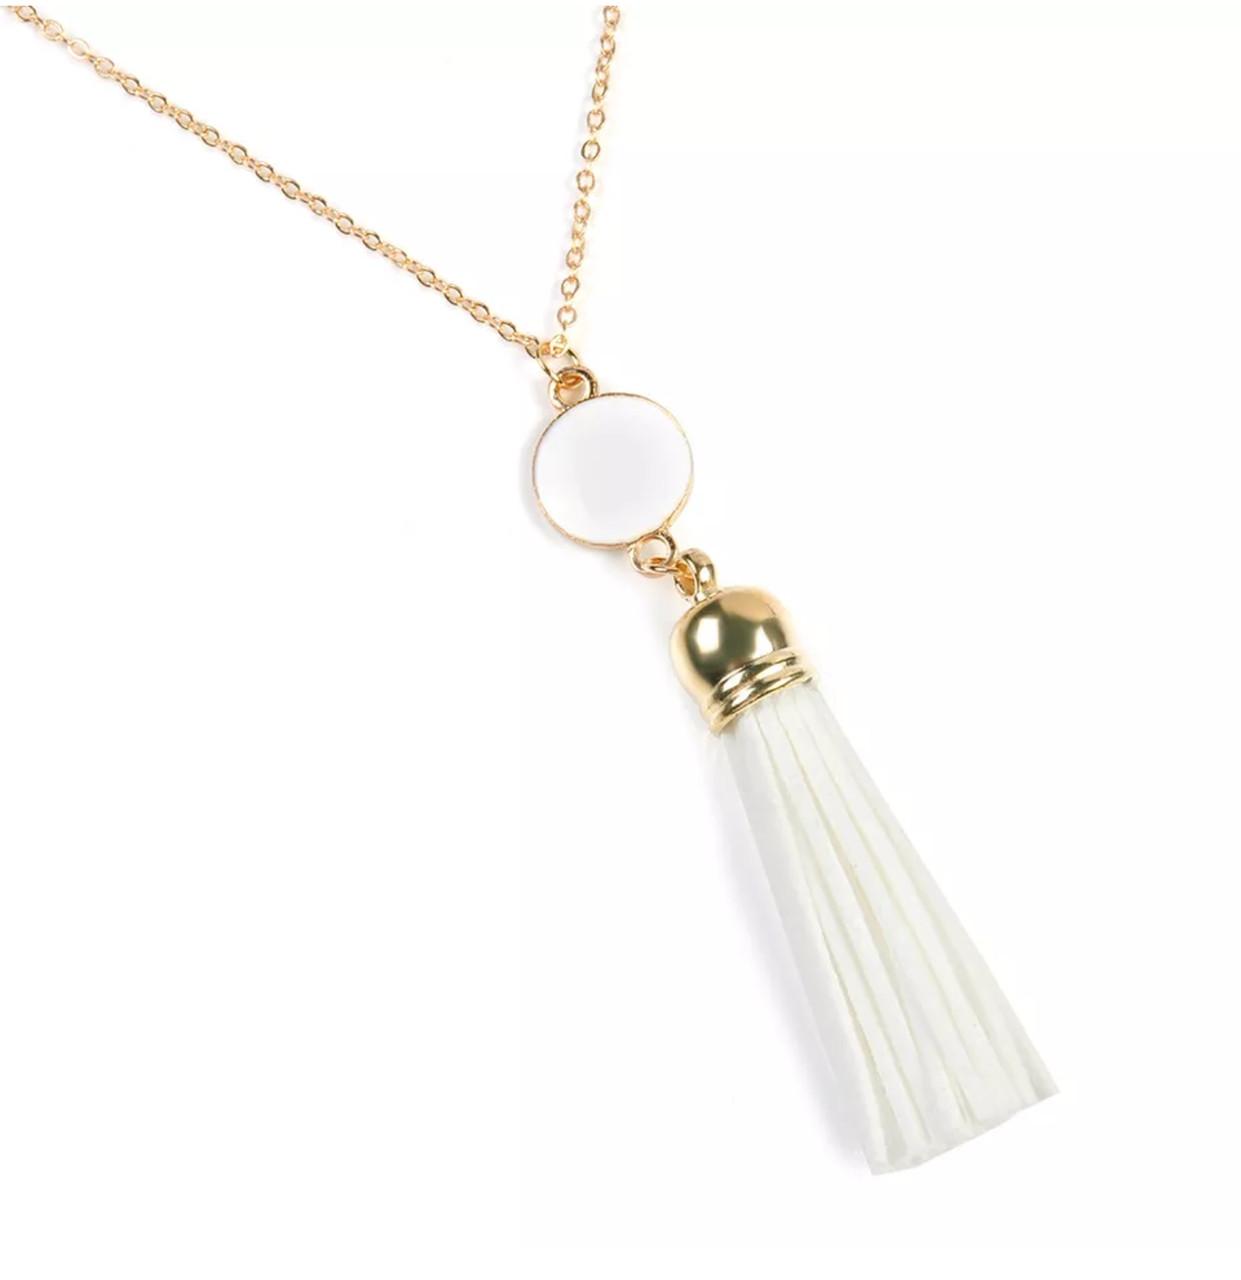 Модная женская подвеска кисть/украшение  на шею, бижутерия  «White styles» (белый)